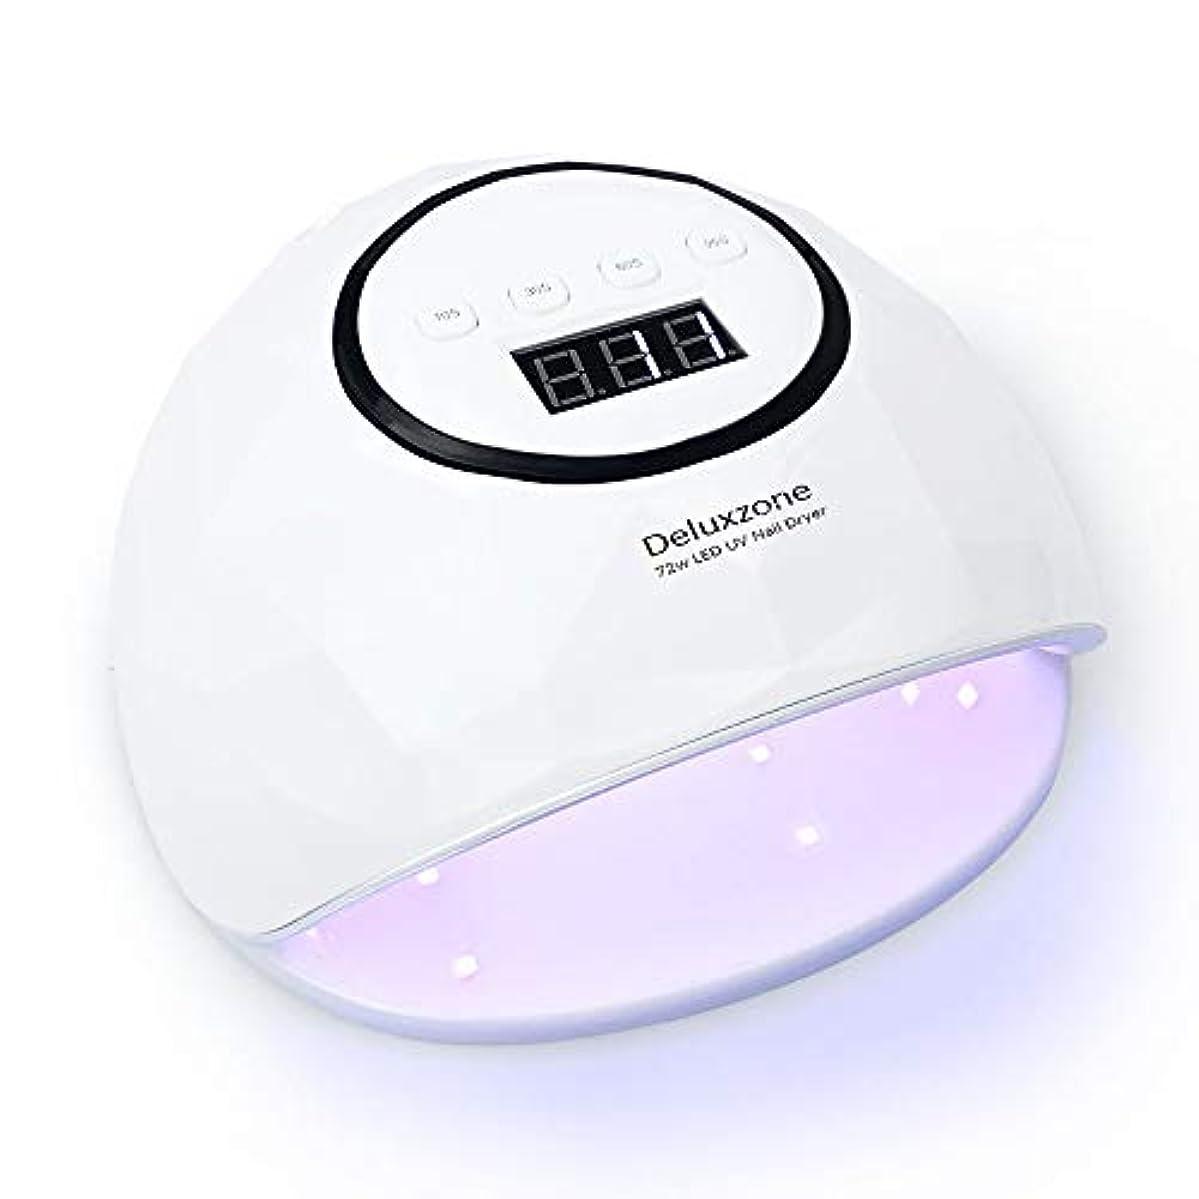 横にボタンダッシュUV LED ネイルドライヤー ジェルネイル ライト UV LED 72 W ハイパワー 赤外線検知 UV &LEDダブルライト ジェルネイル用 四つタイマー設定可能 硬化用 マニキュア用ライト ランプ